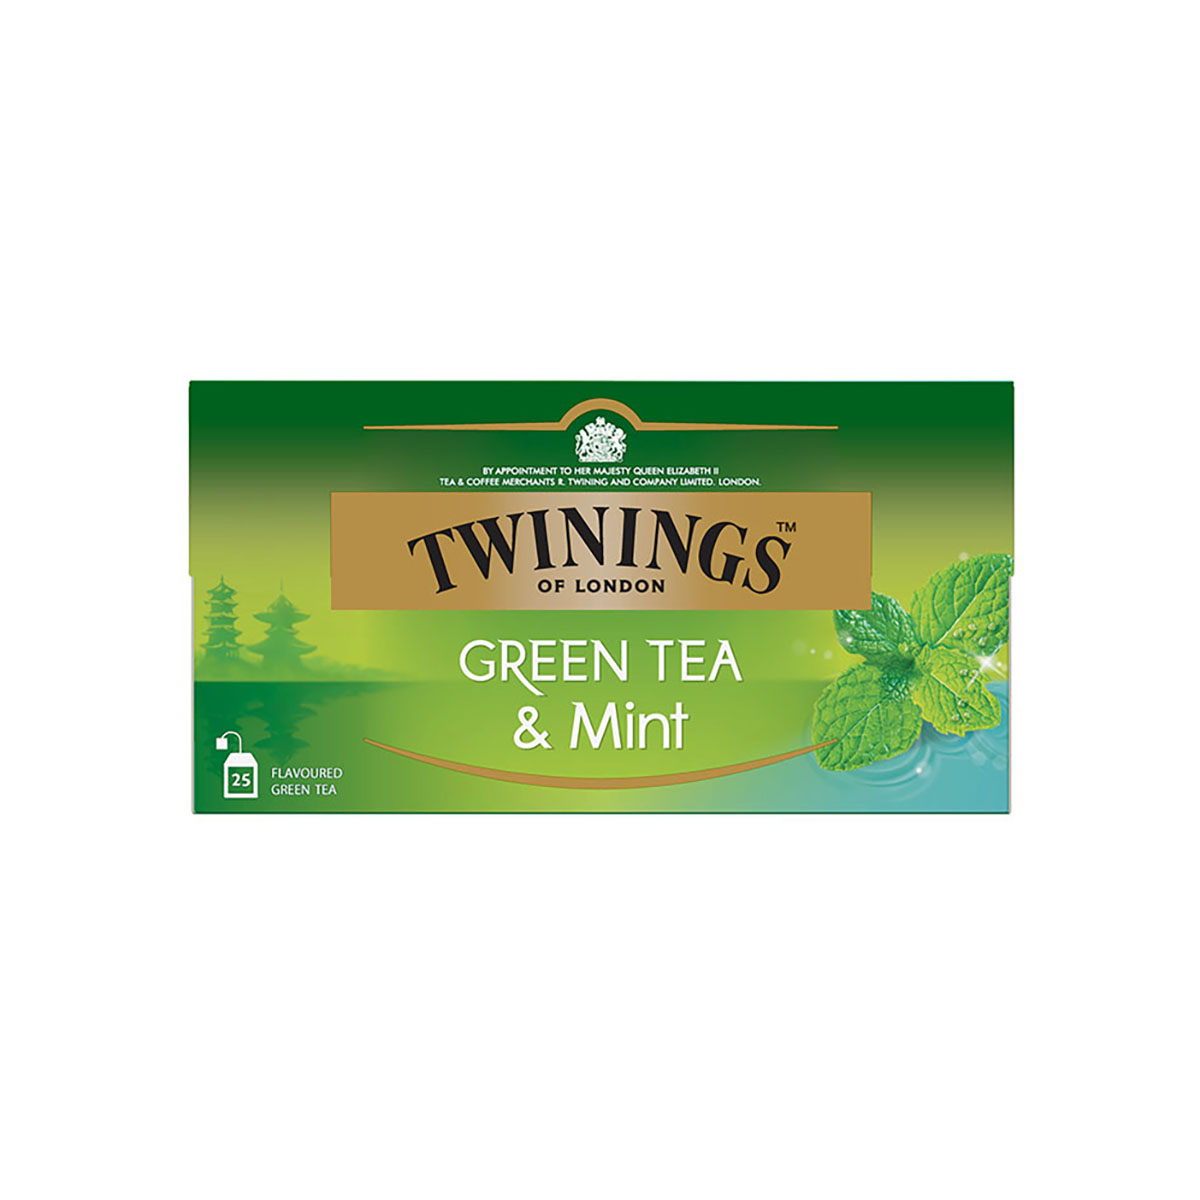 Ceai verde cu aroma menta Twinings, 25 x 1.5 g imagine